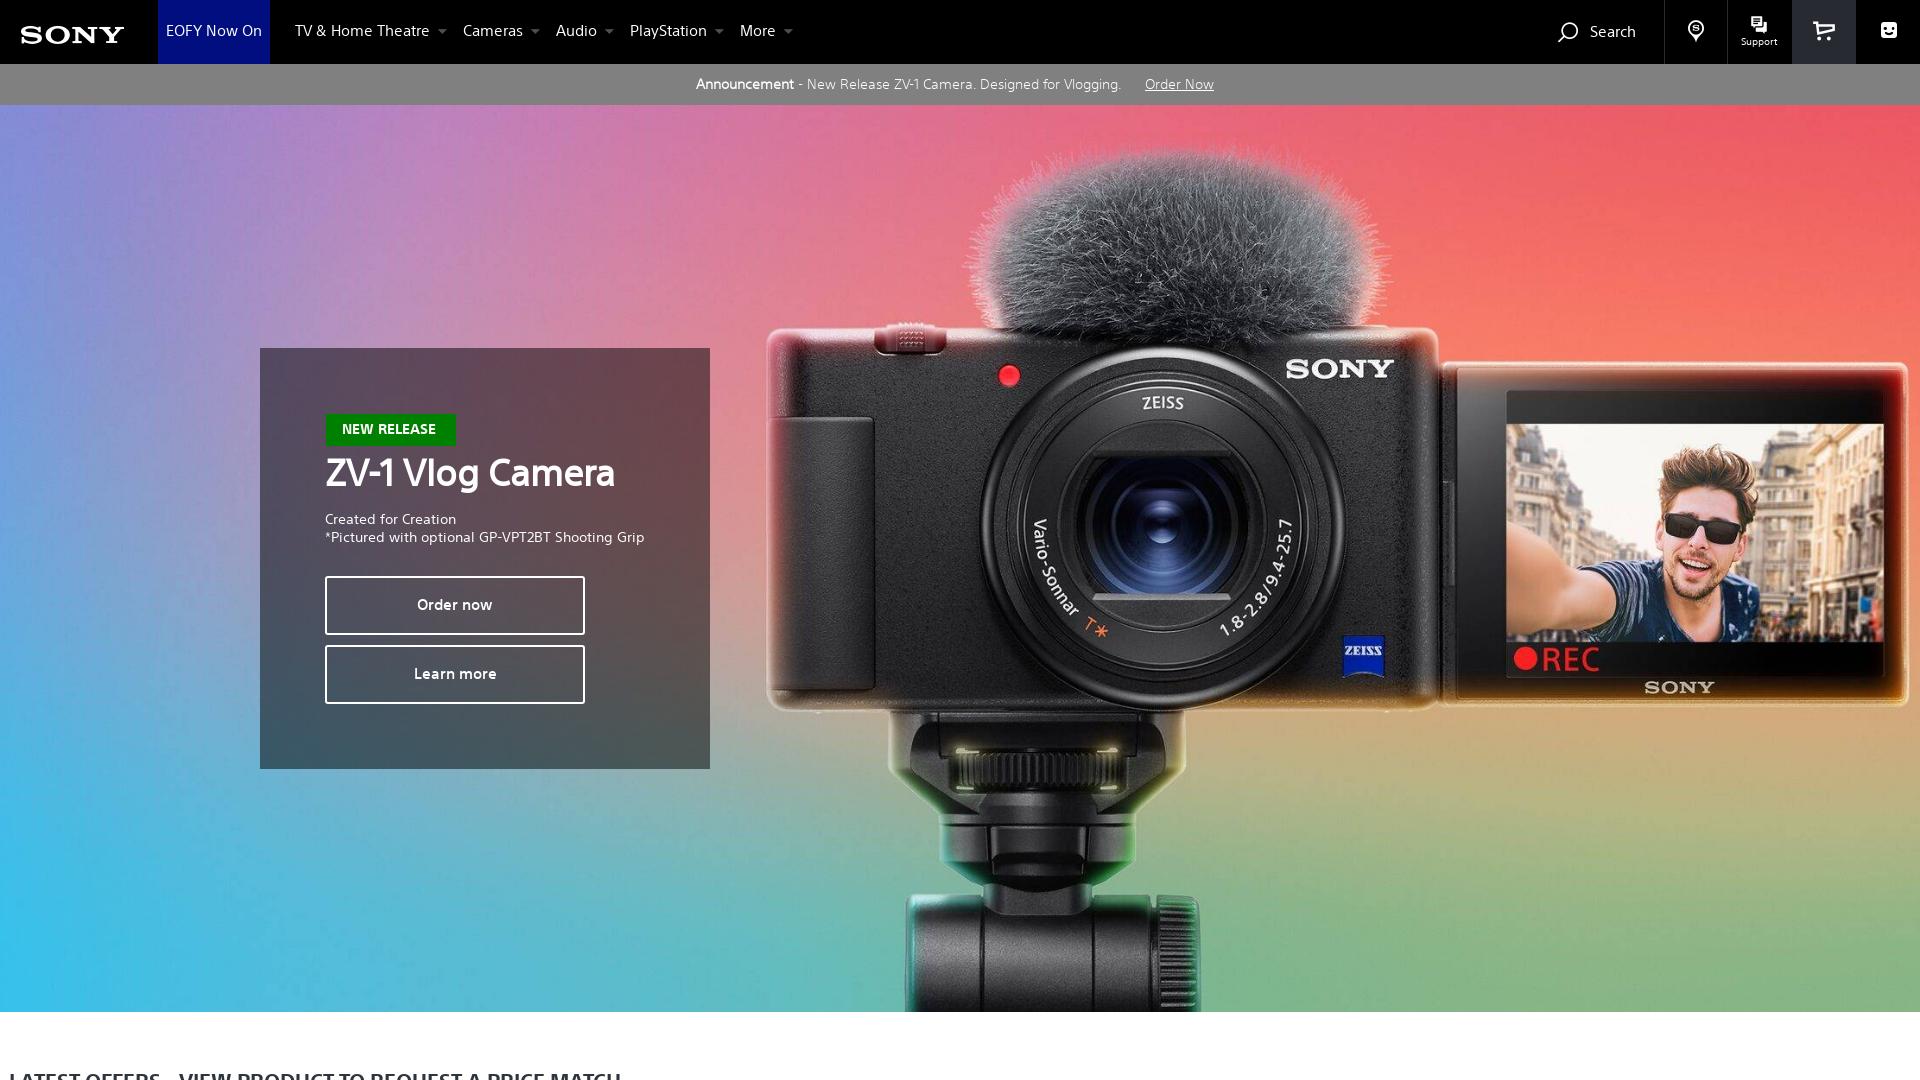 Sony AU website